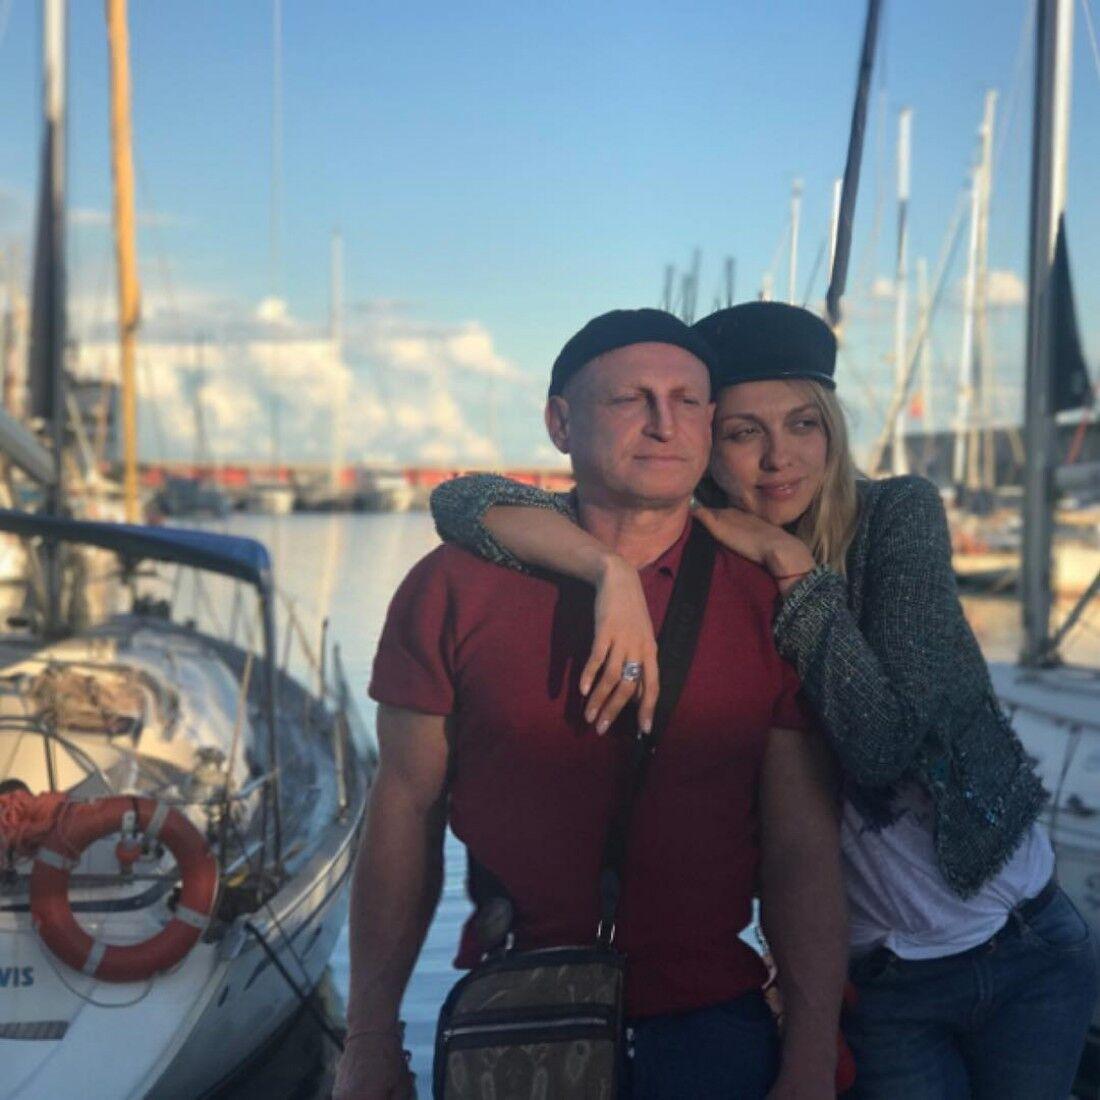 Супруг Оли Поляковой помог ей измениться и научил всему радоваться.